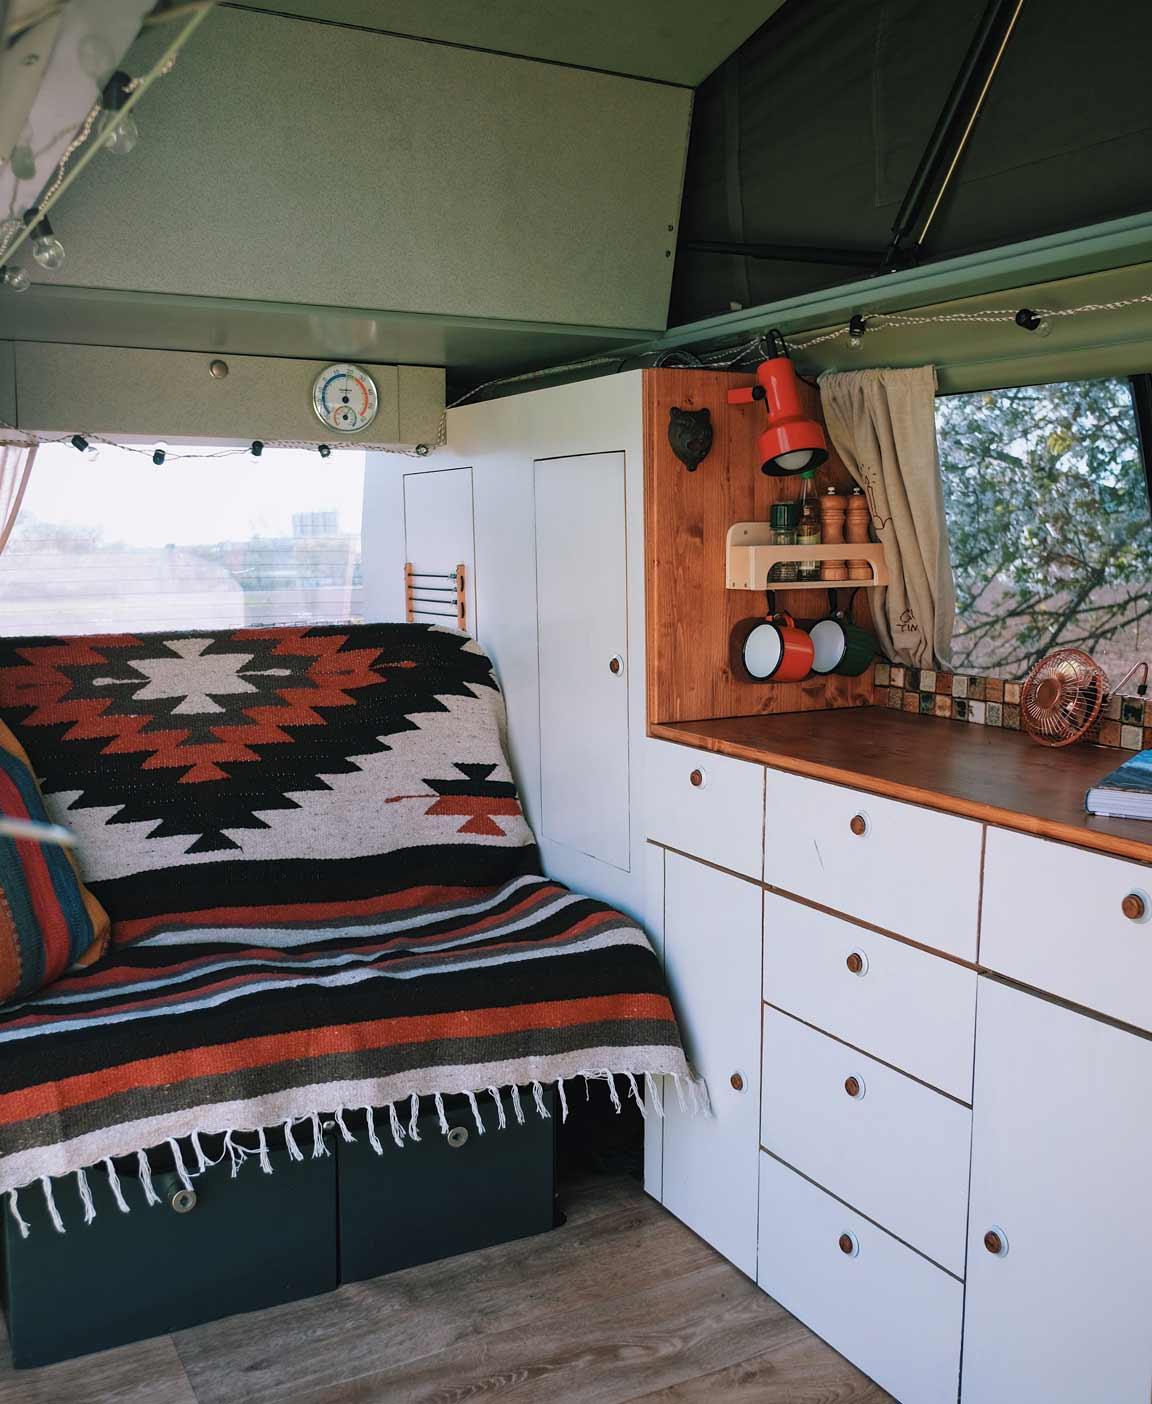 vw-t4-volkswagen-camper-transporter-wohnmobil-ausbau-campervan-caravelle-multivan-doka-8